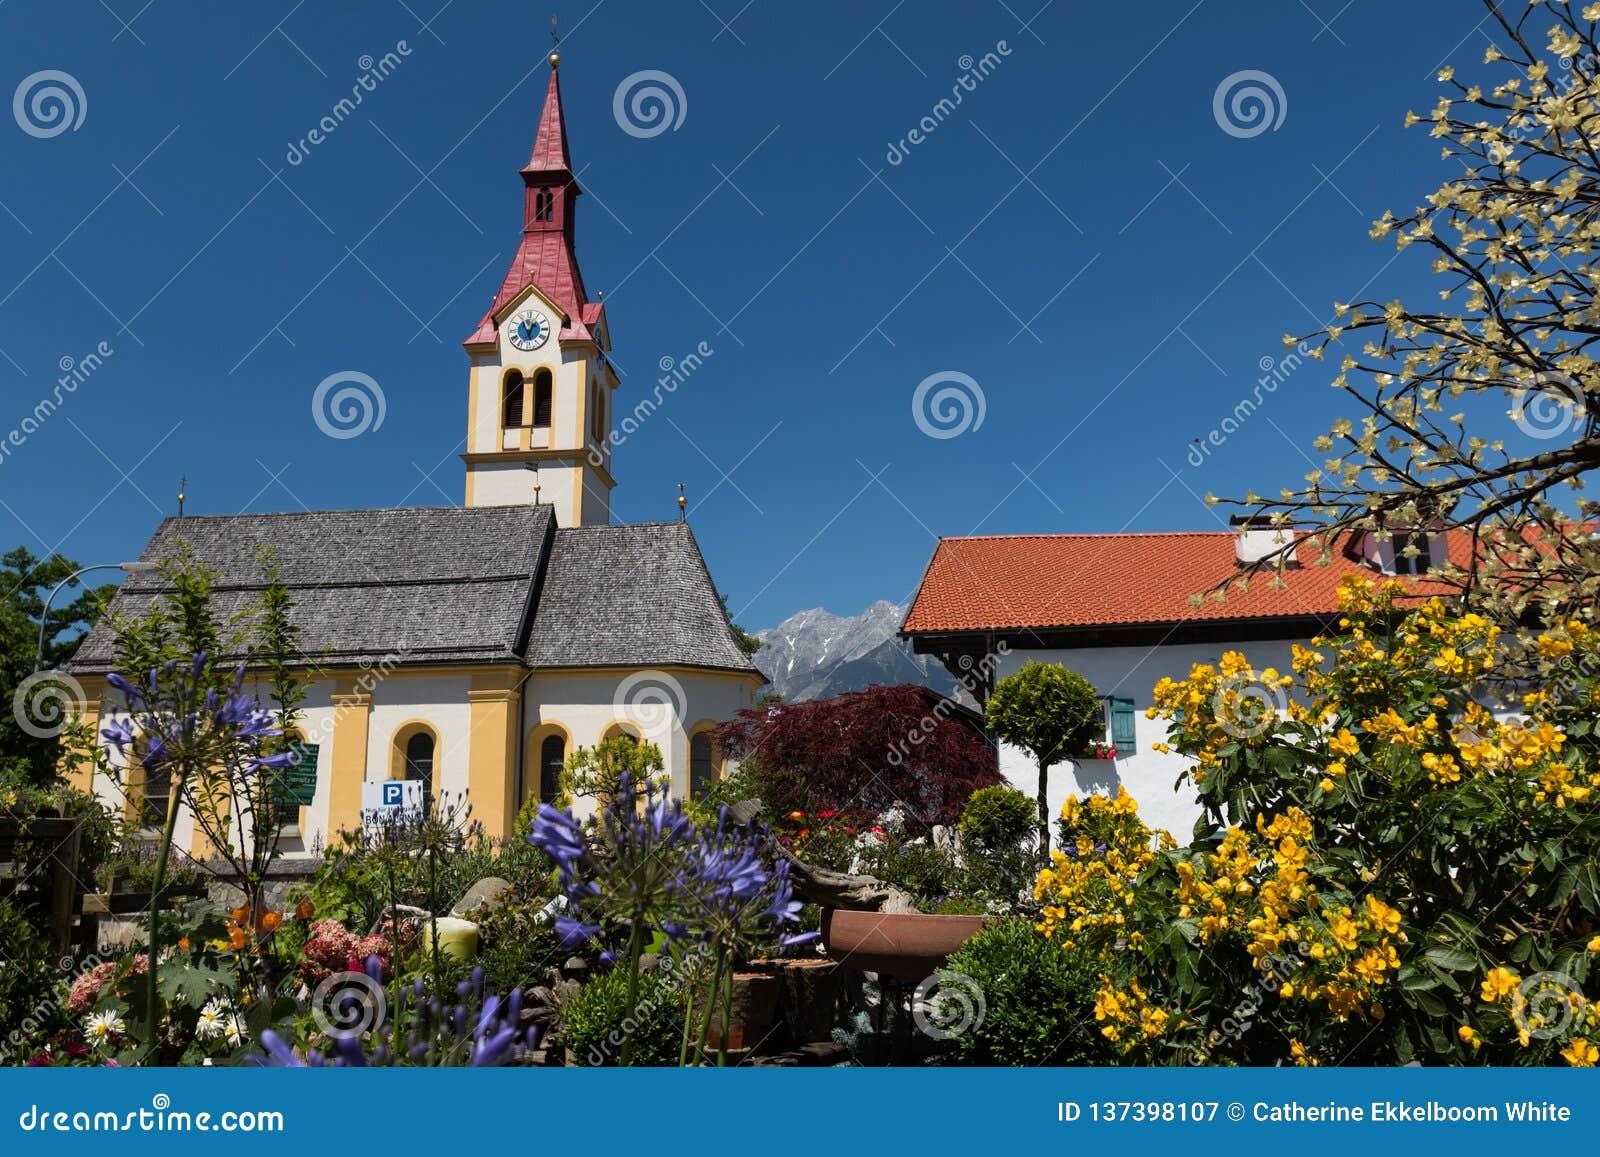 Το χωριό Igls κοντά στο Ίνσμπρουκ, Αυστρία